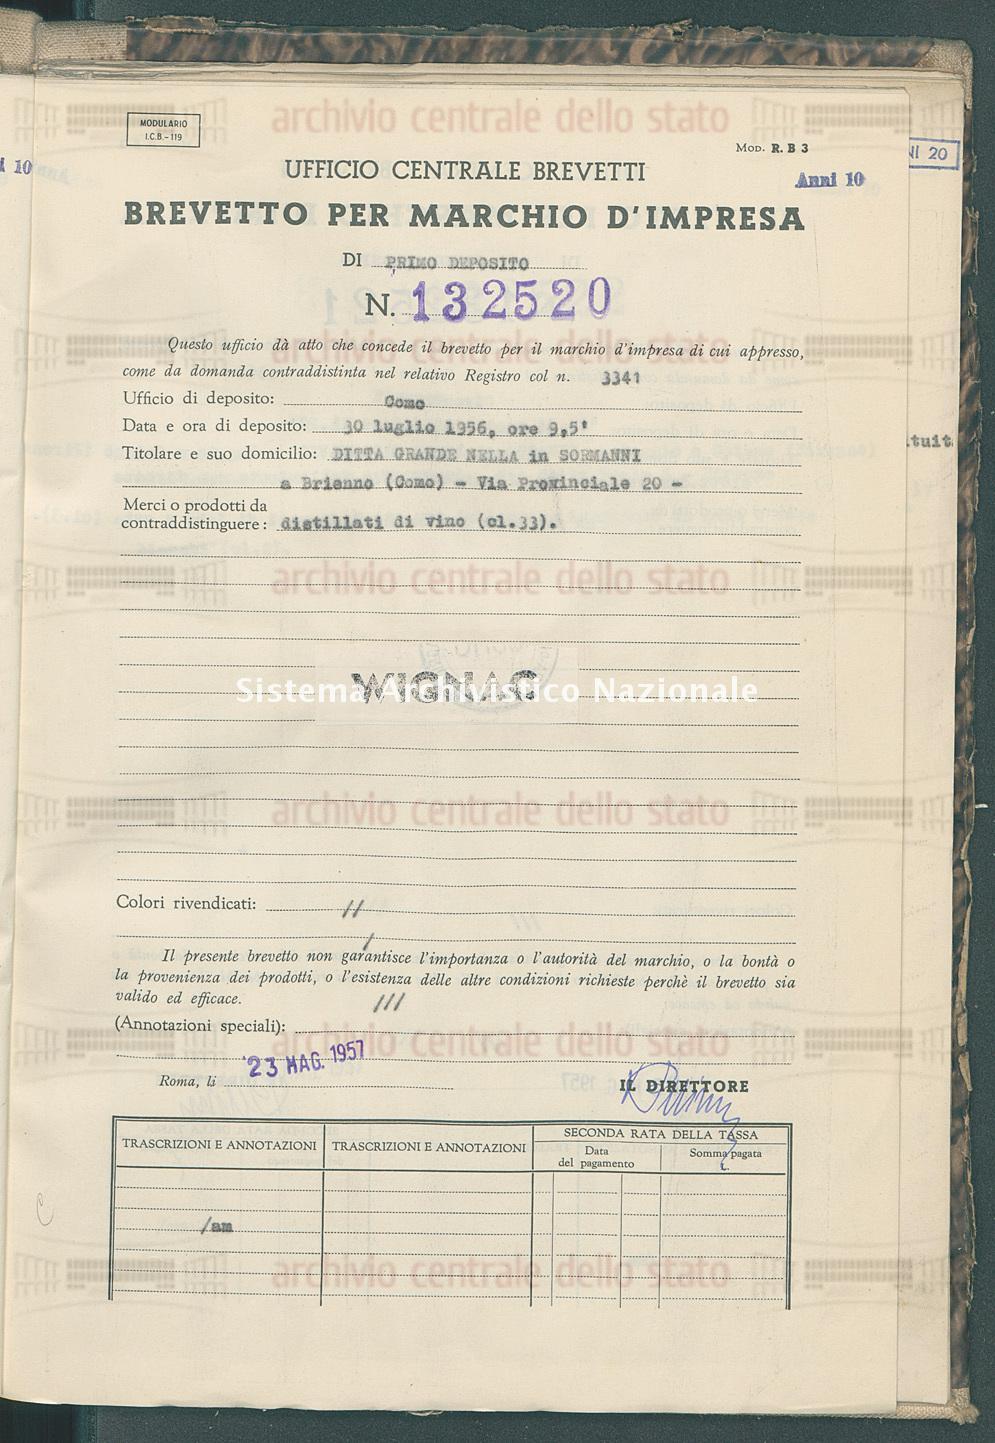 Distillati di vino Ditta Grande Nella In Sormanni (23/05/1957)